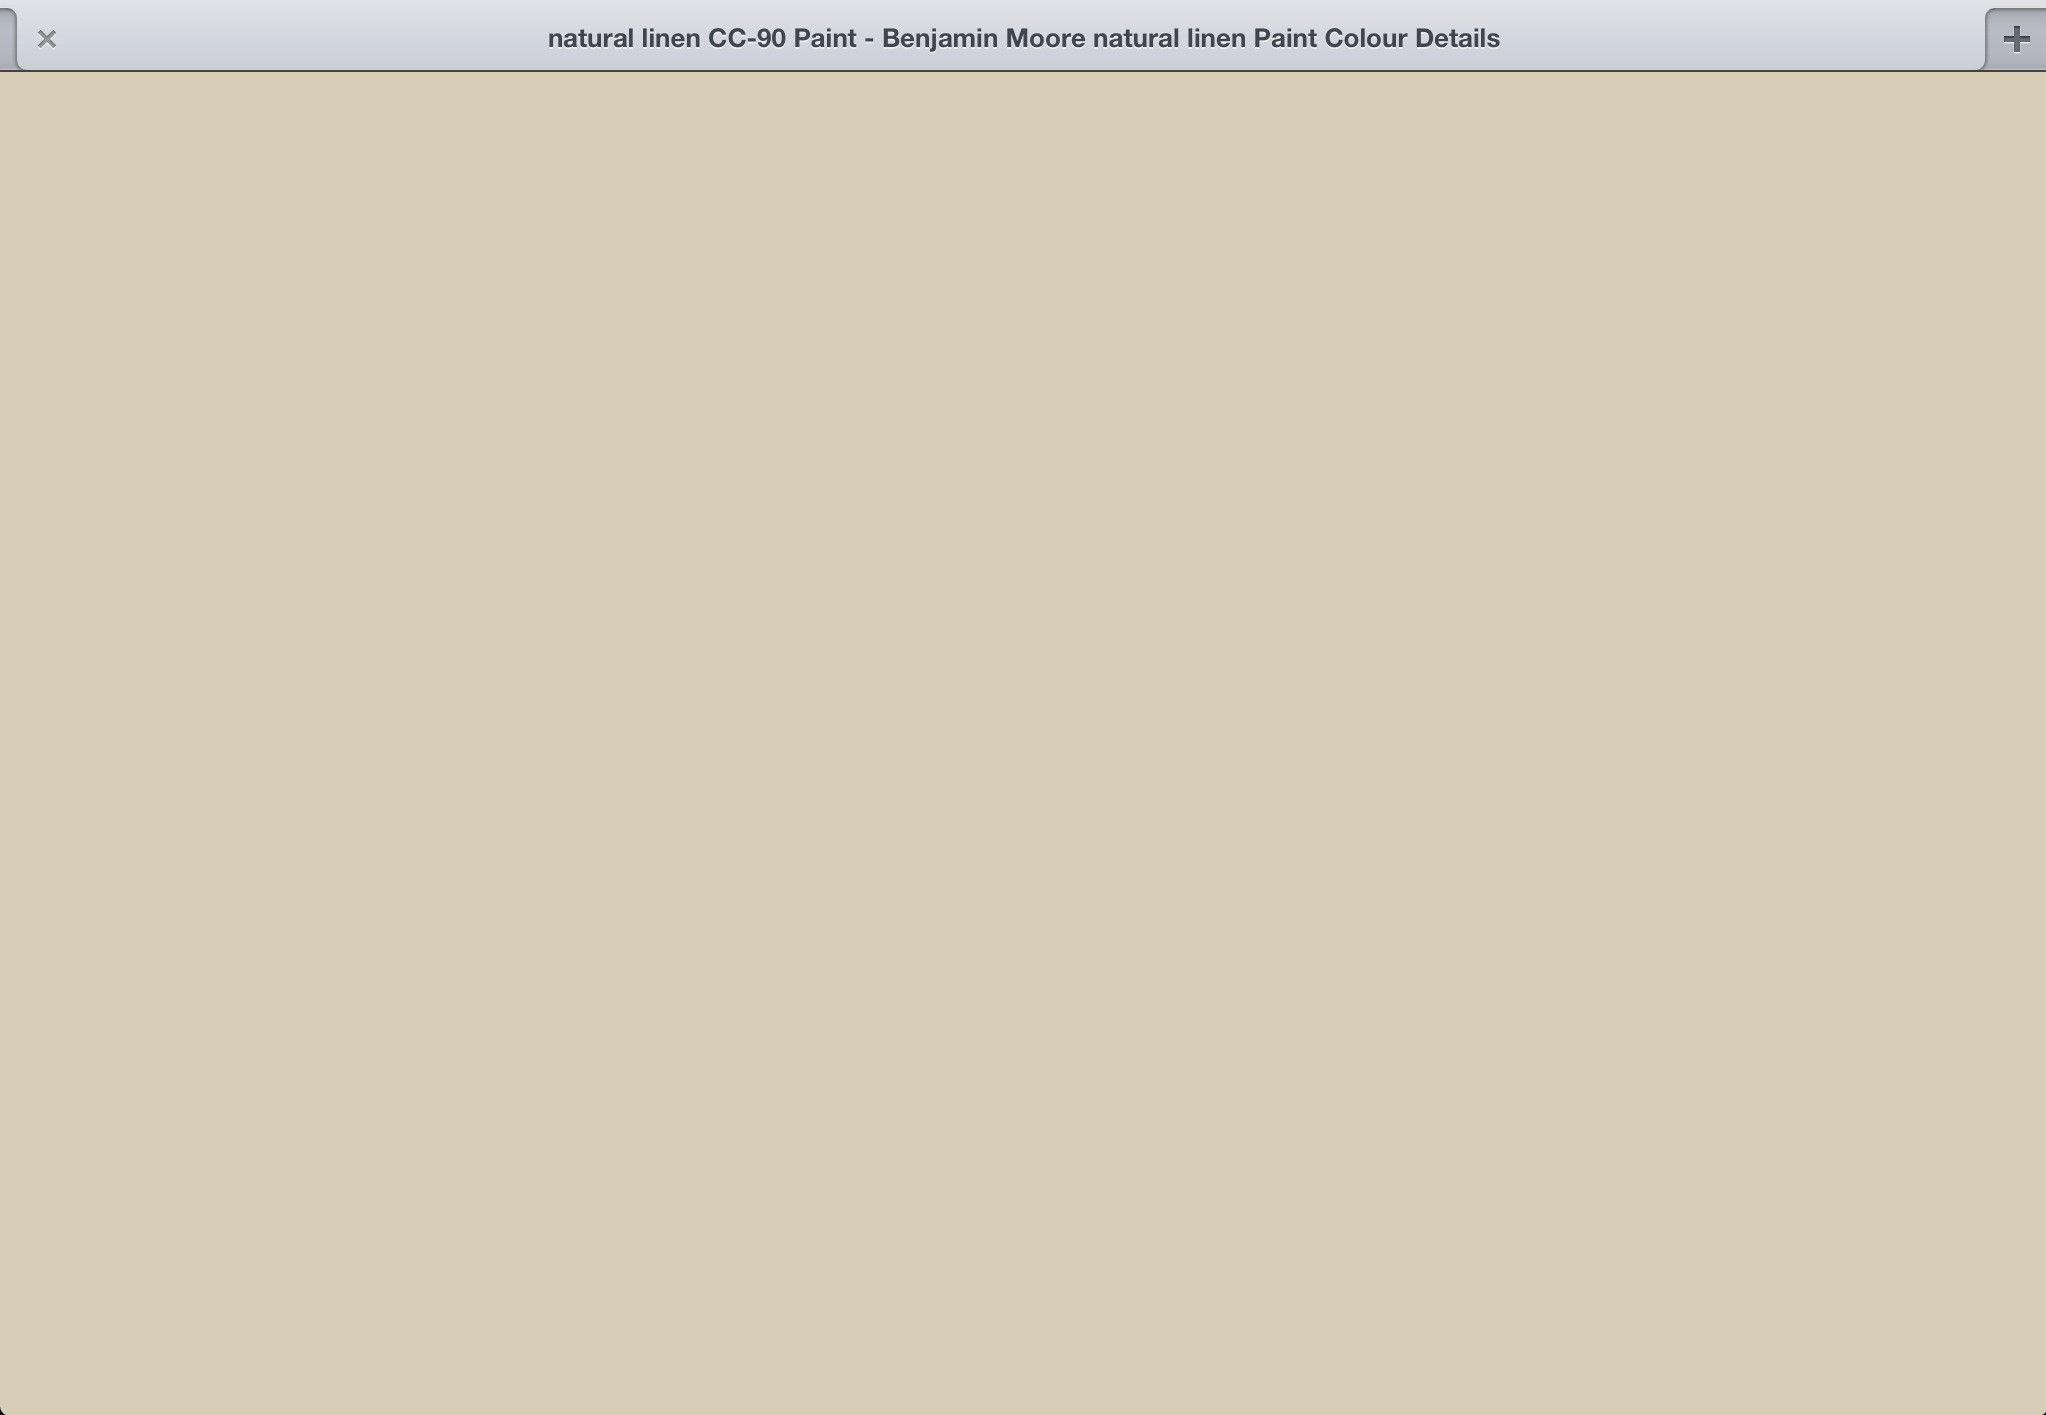 Benjamin moore natural cream - Natural Linen Cc 90 Benjamin Moore